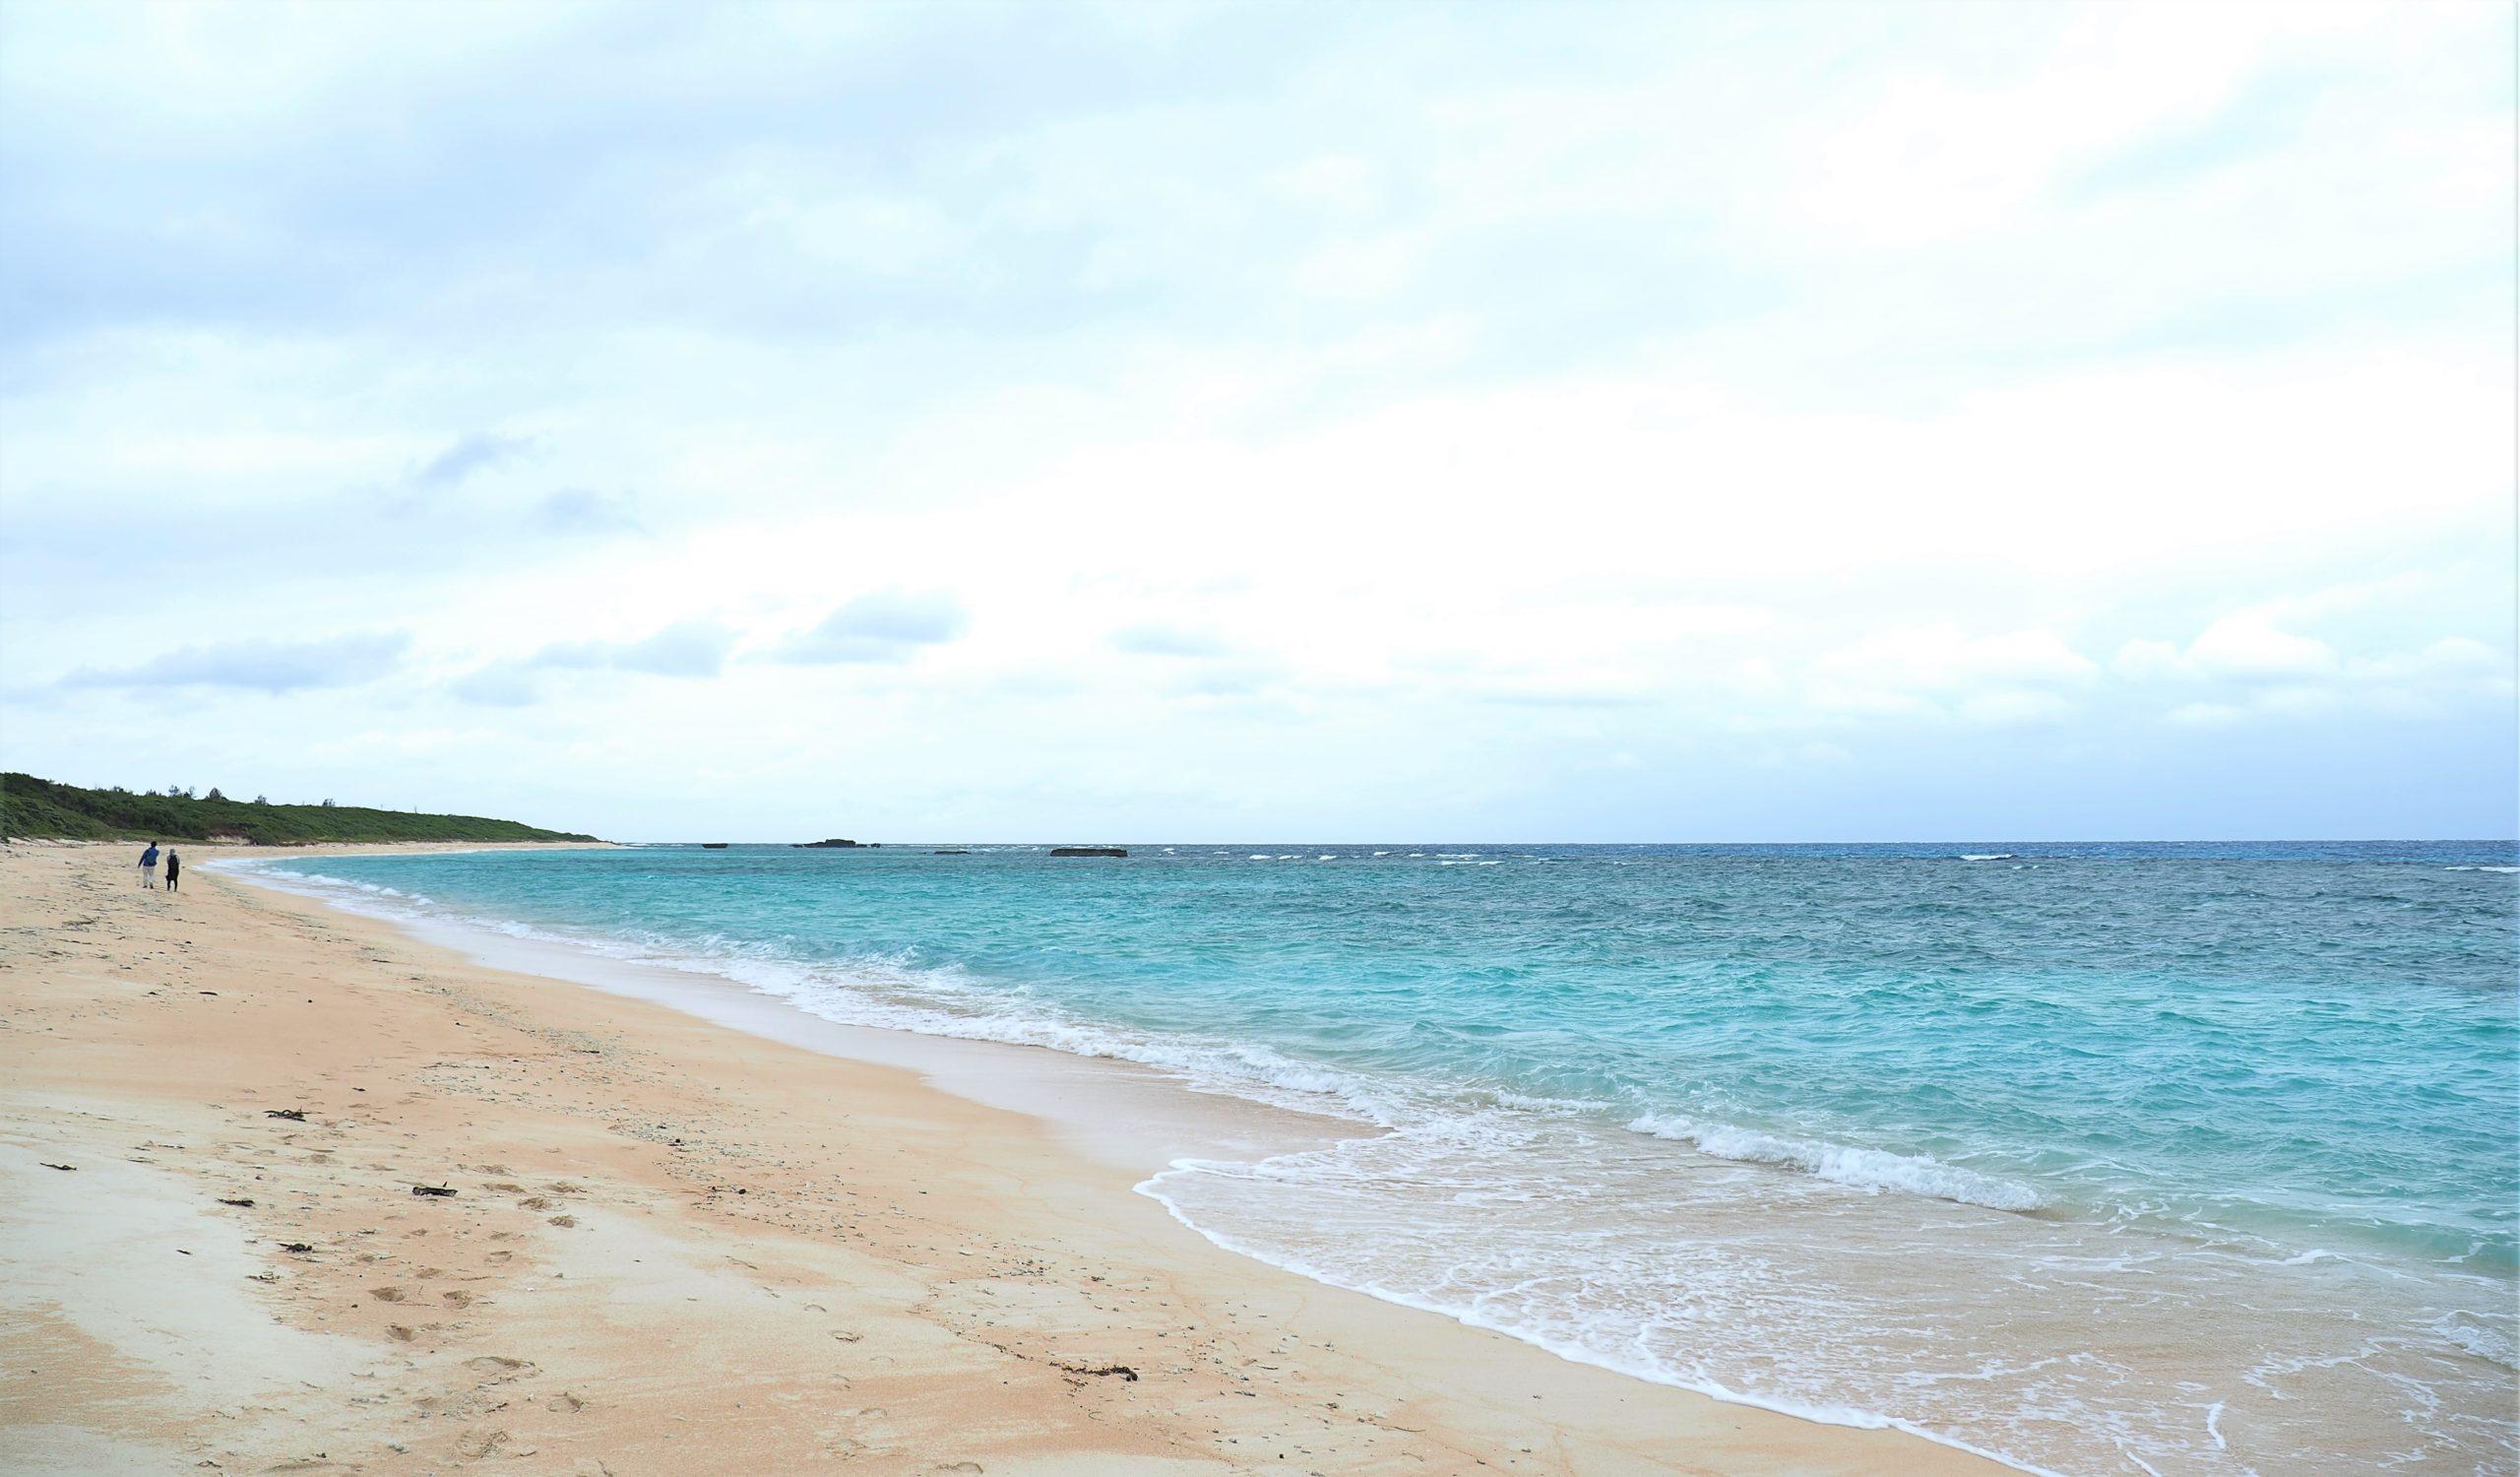 沖縄県 波照間島 西浜